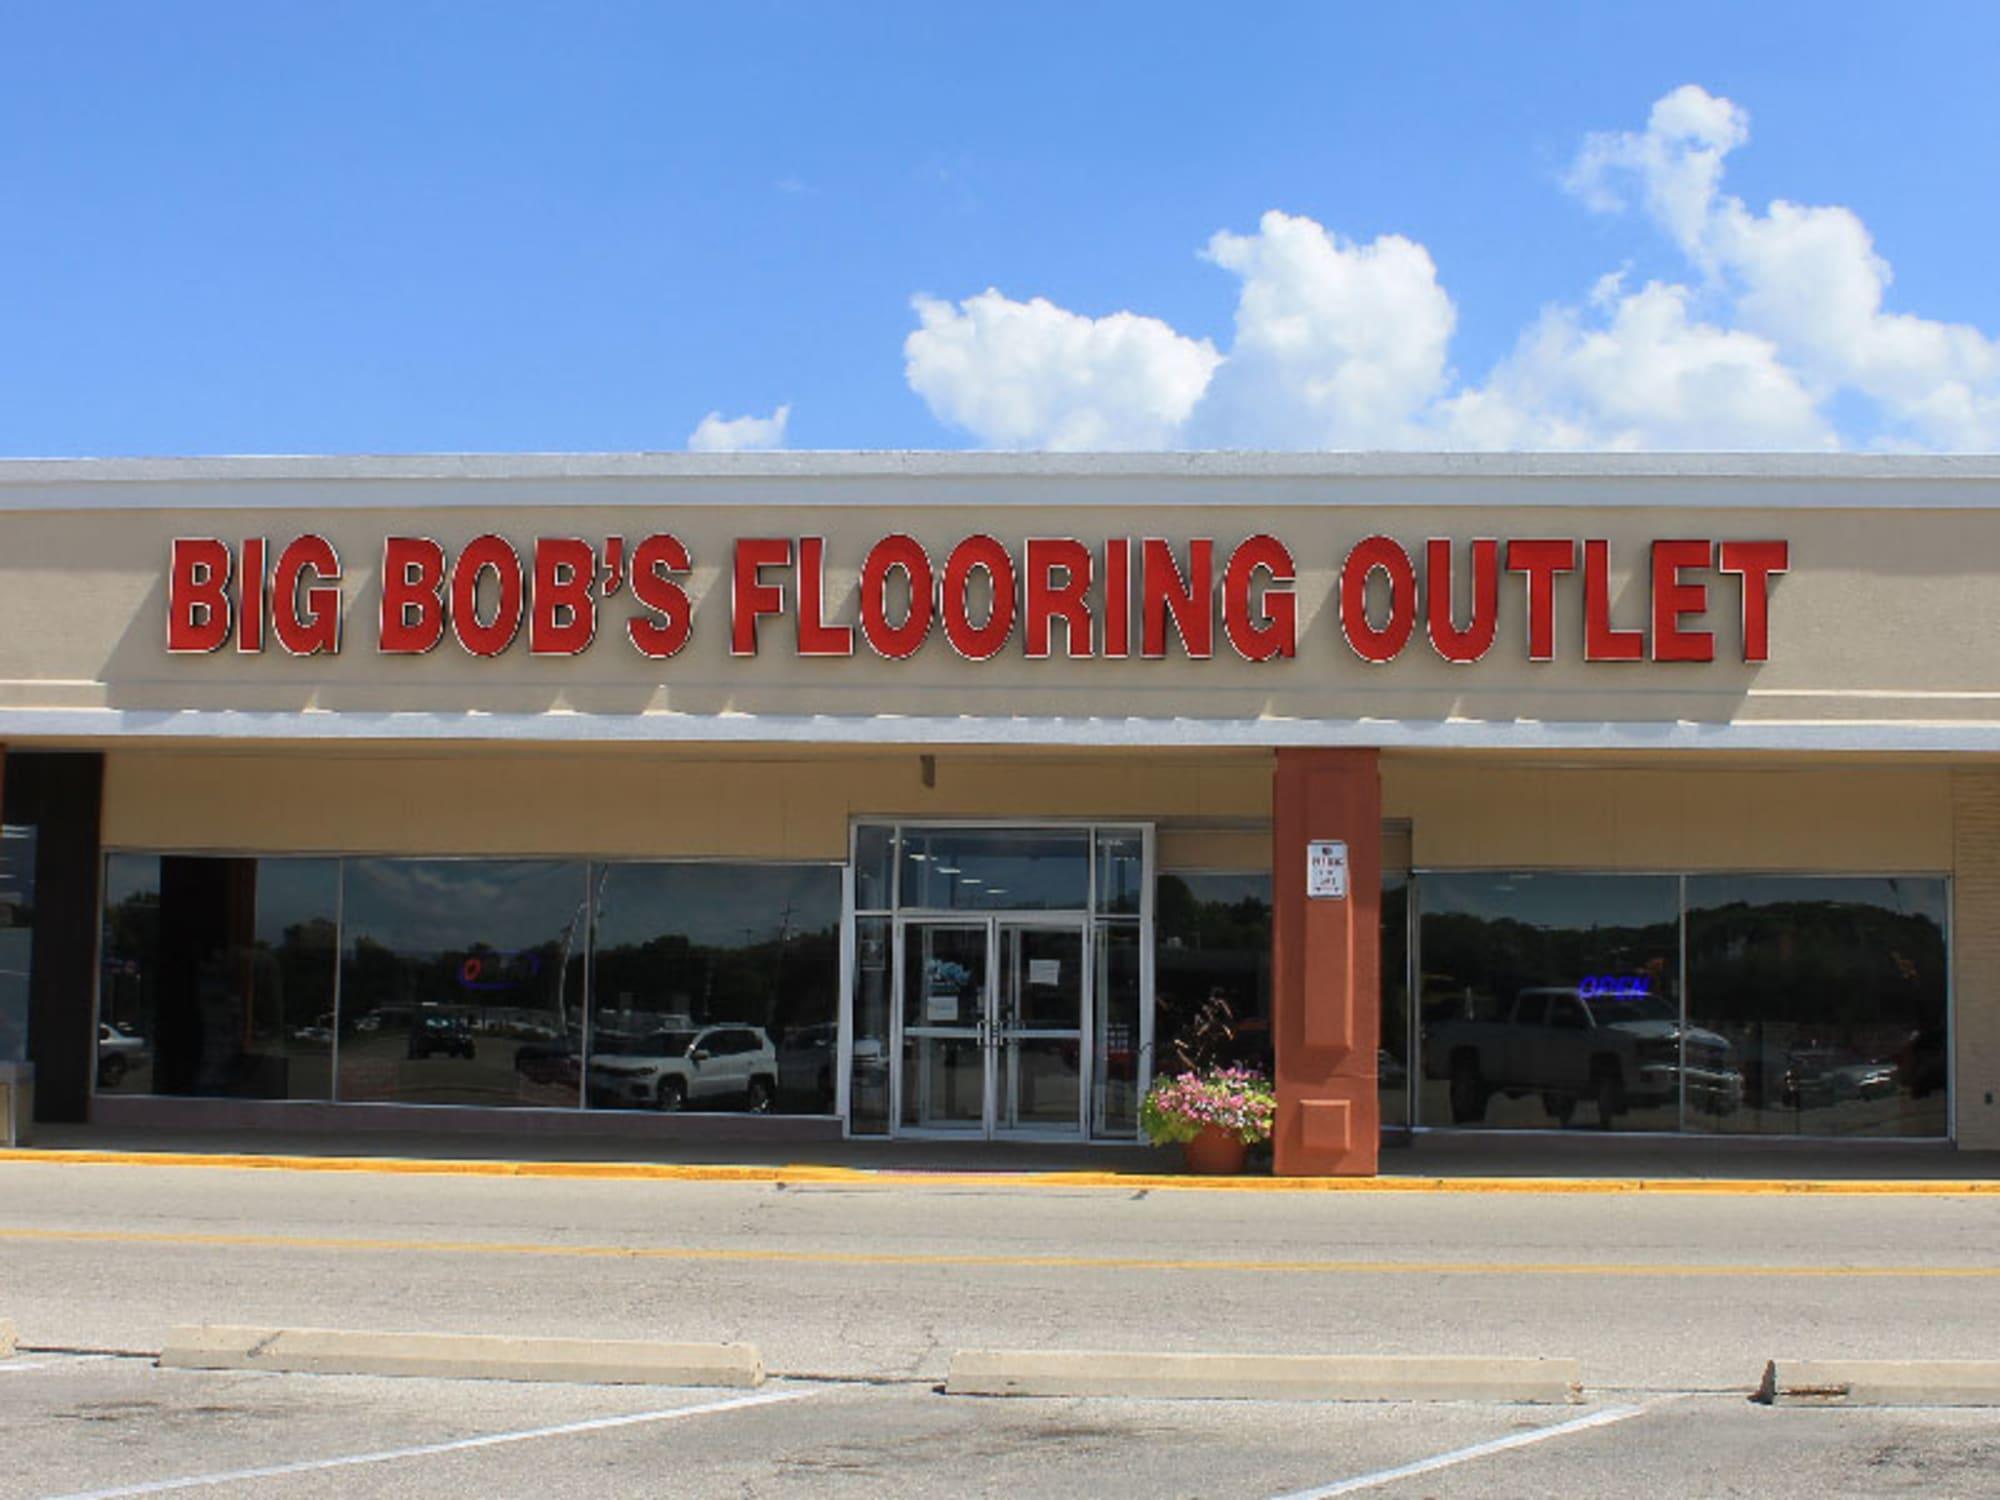 Big Bob's Flooring Outlet - 130 Woodman Dr Dayton, OH 45431